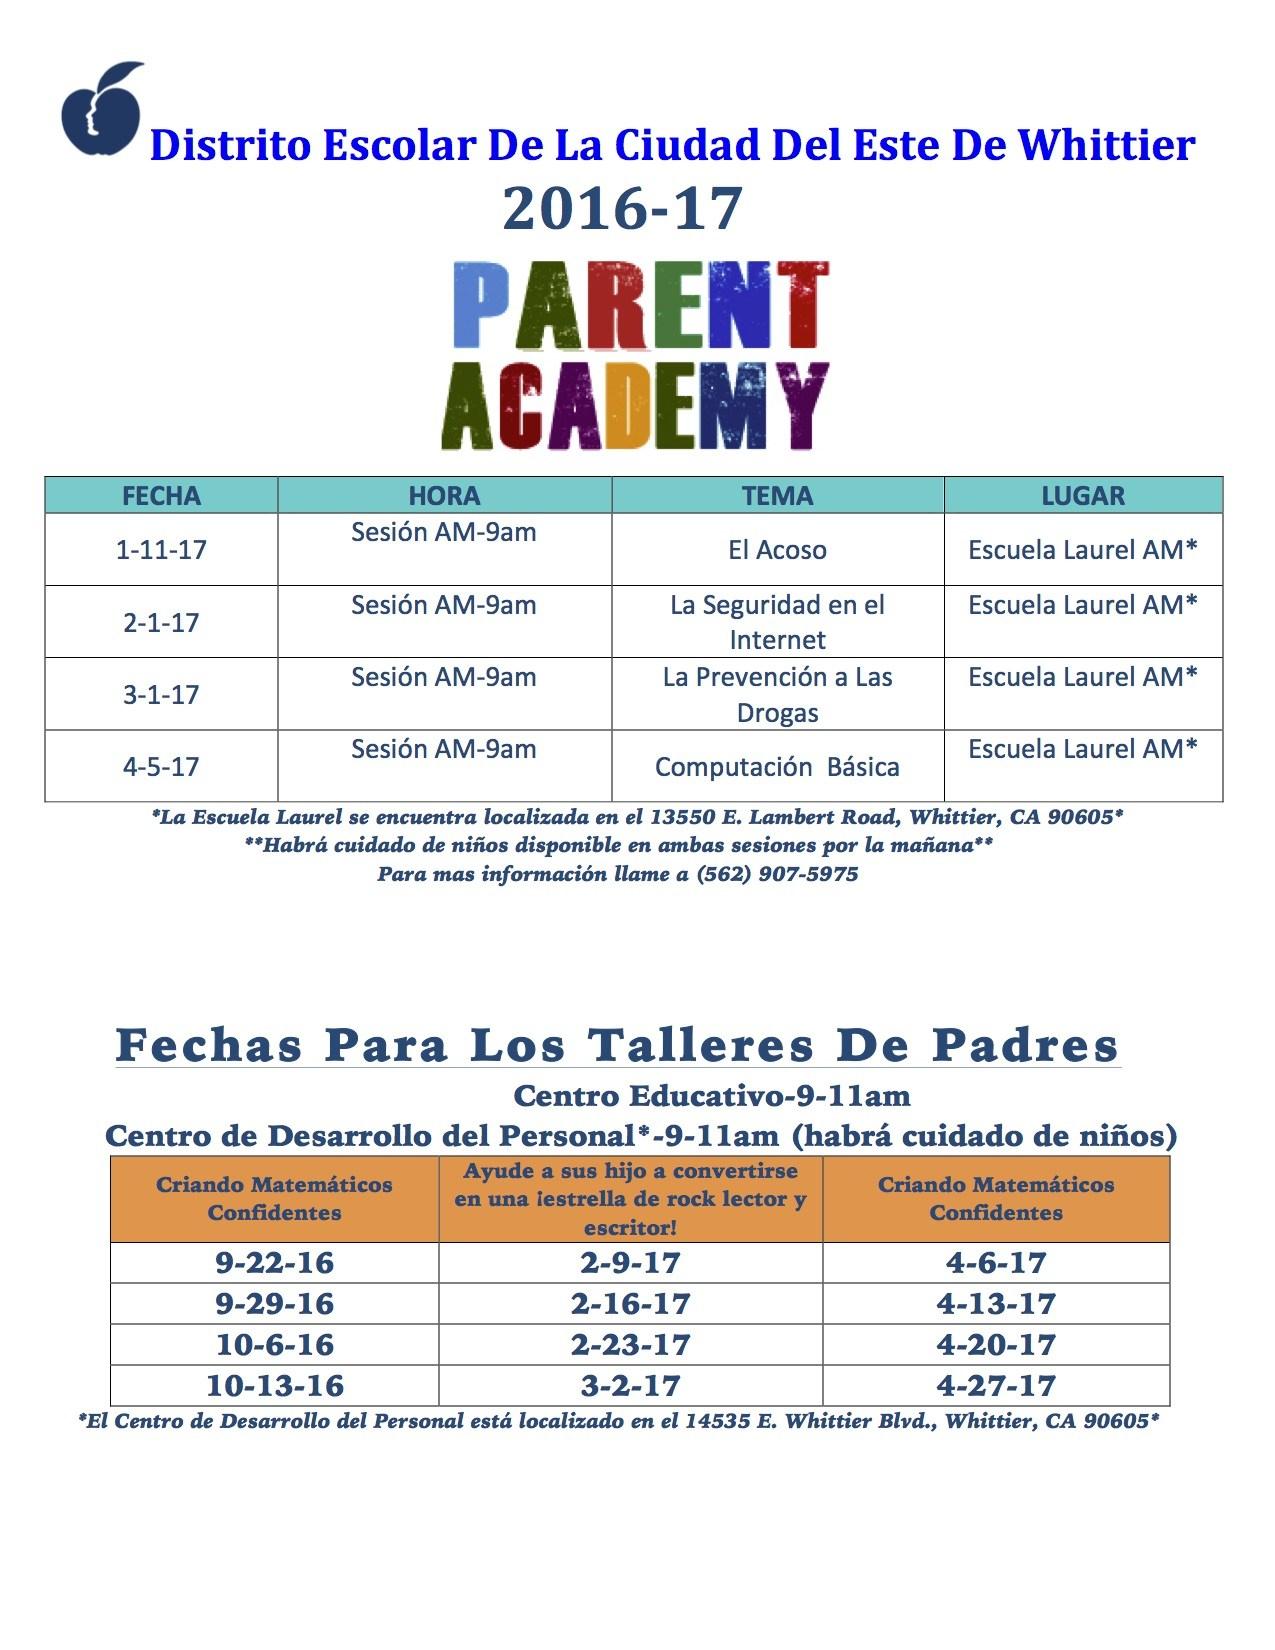 Parent Academy schedule in Spanish